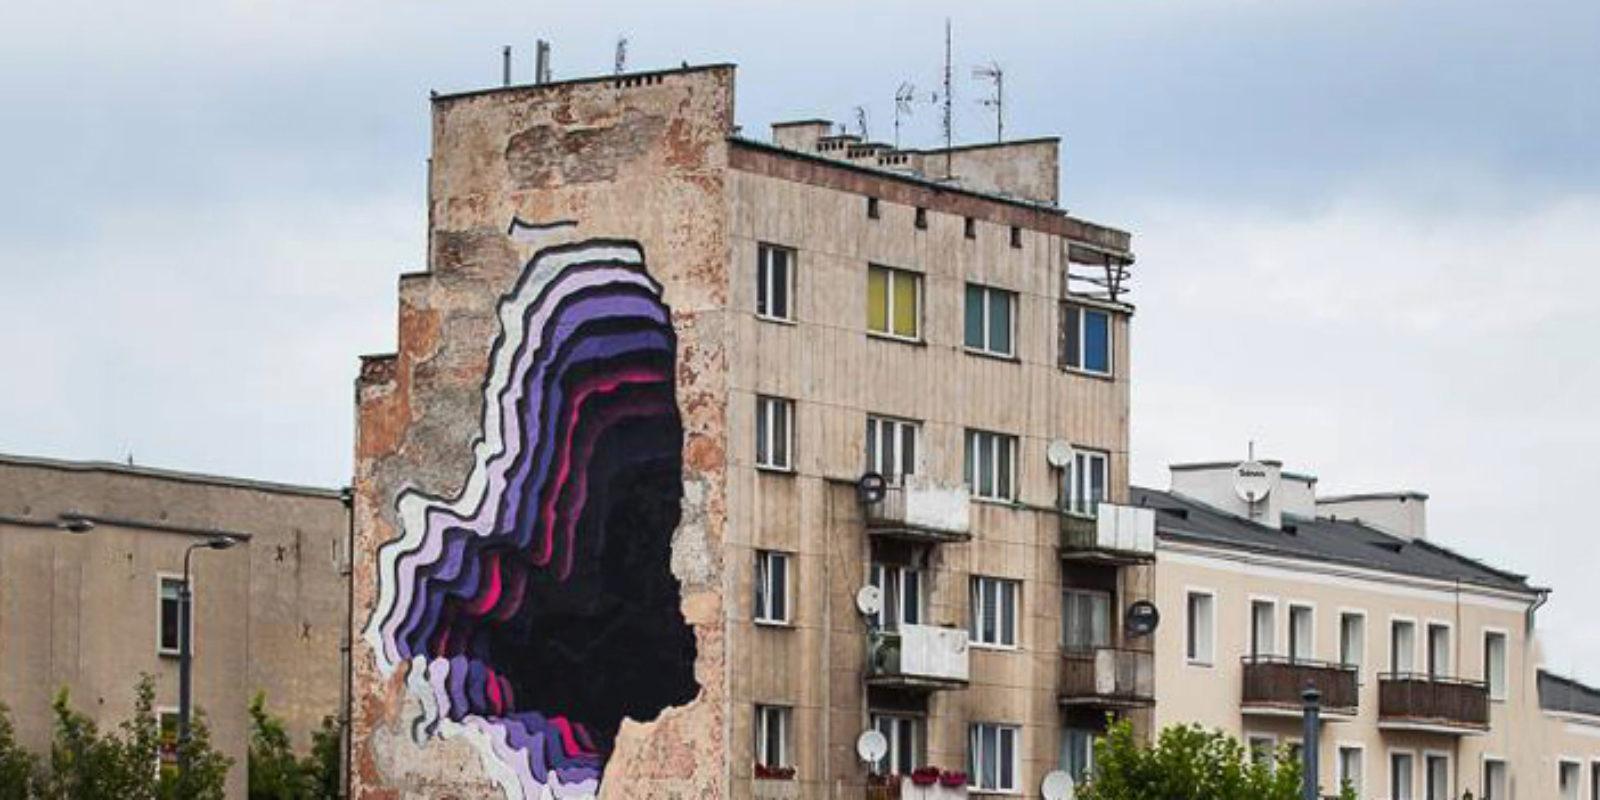 1010-street-art-mural-street-art-doping-in-warsaw-0